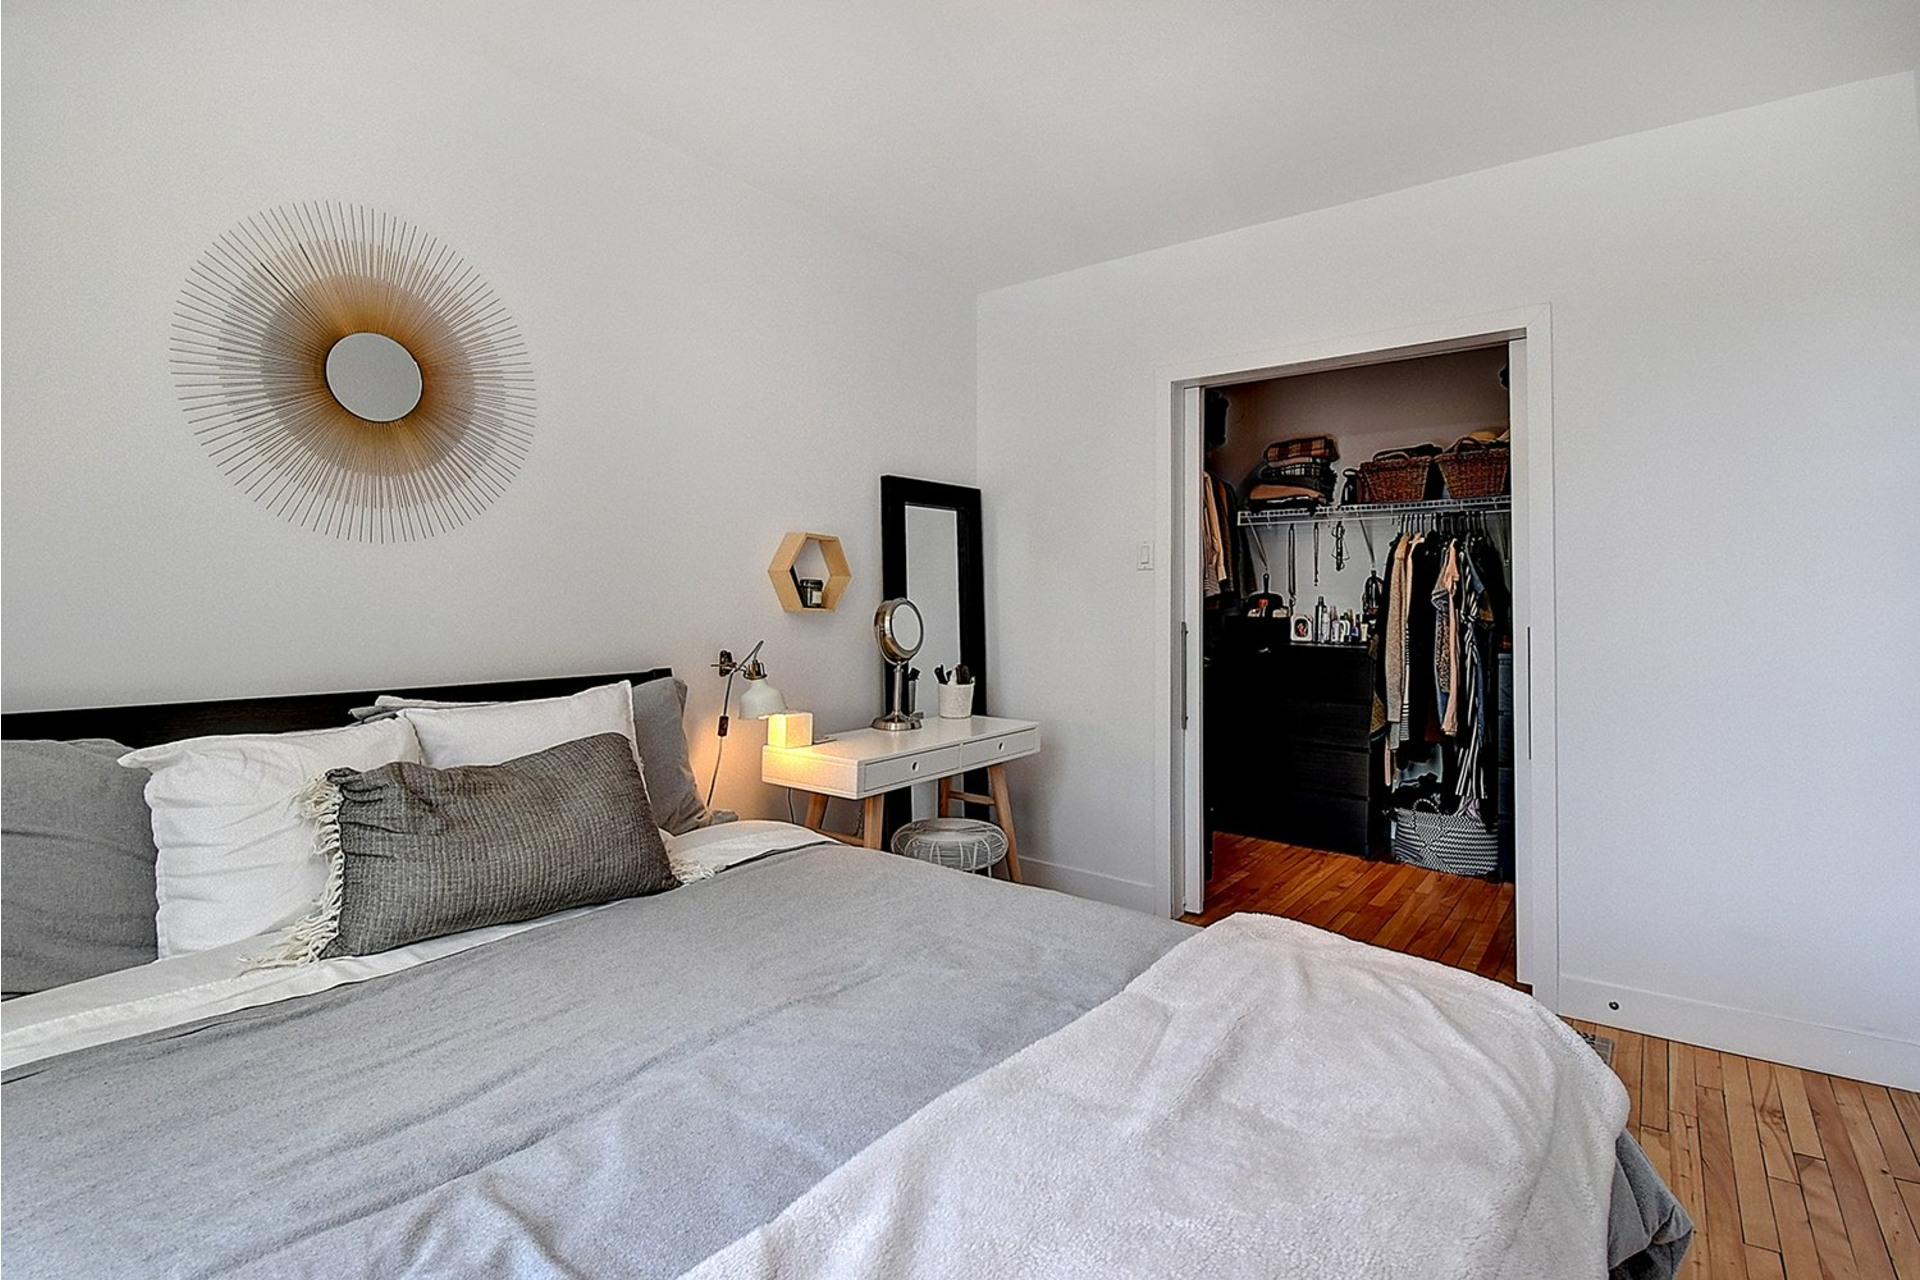 image 6 - Appartement À vendre Verdun/Île-des-Soeurs Montréal  - 5 pièces